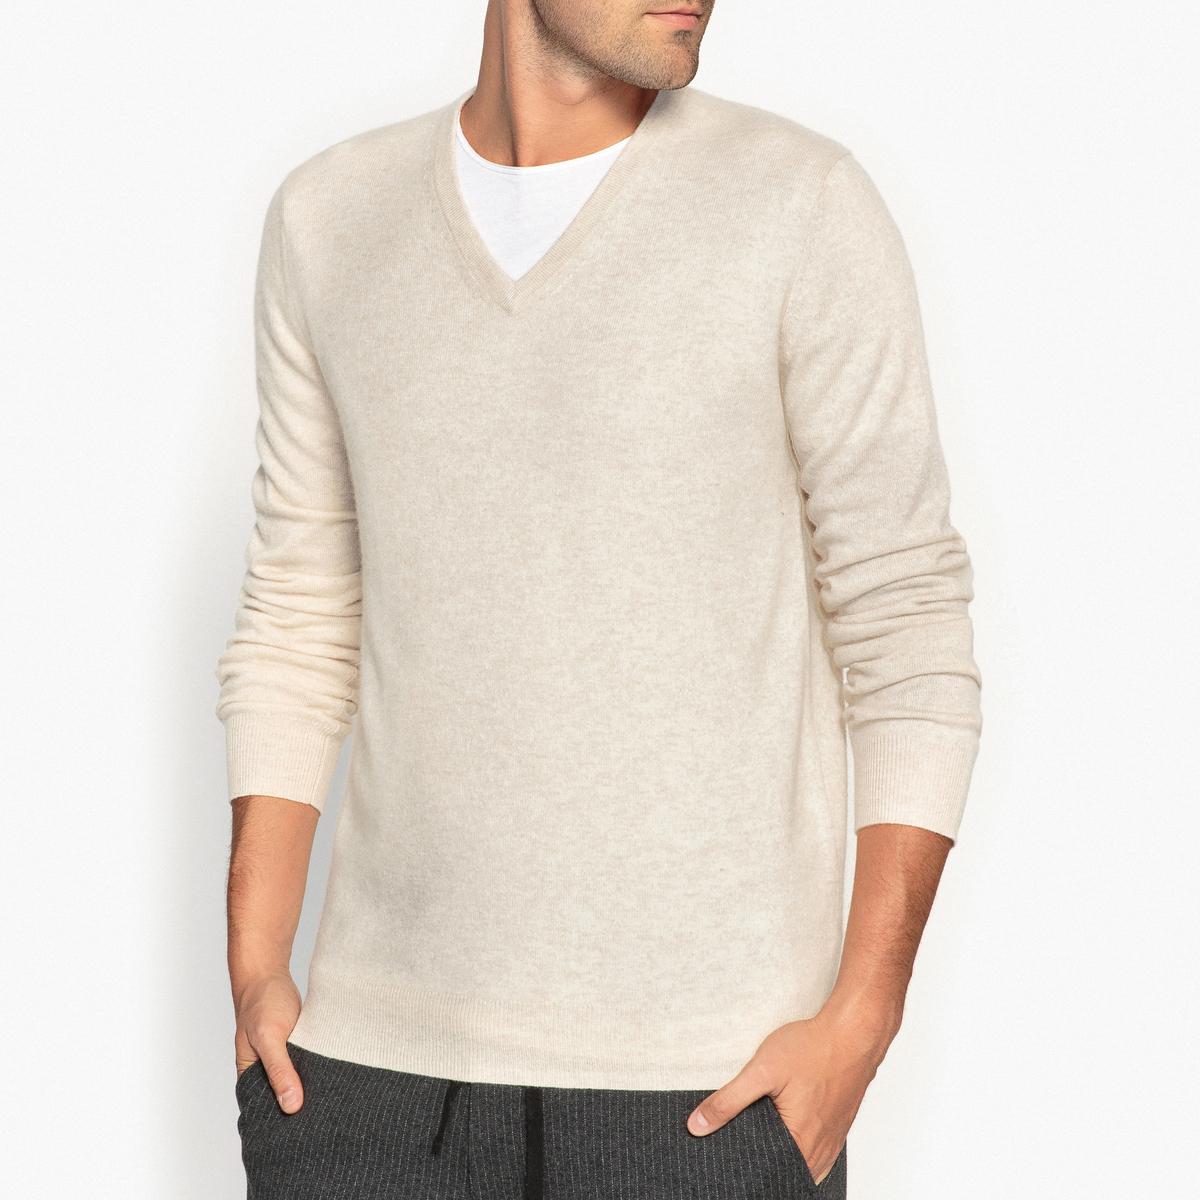 Пуловер из кашемира с V-образным вырезомПуловер с длинными рукавами. Прямой покрой, V-образный вырез. Края низа и рукавов связаны в рубчик.Состав и описание Материал : 100% кашемирДлина : 66 смМарка : R essentiel<br><br>Цвет: экрю<br>Размер: S.L